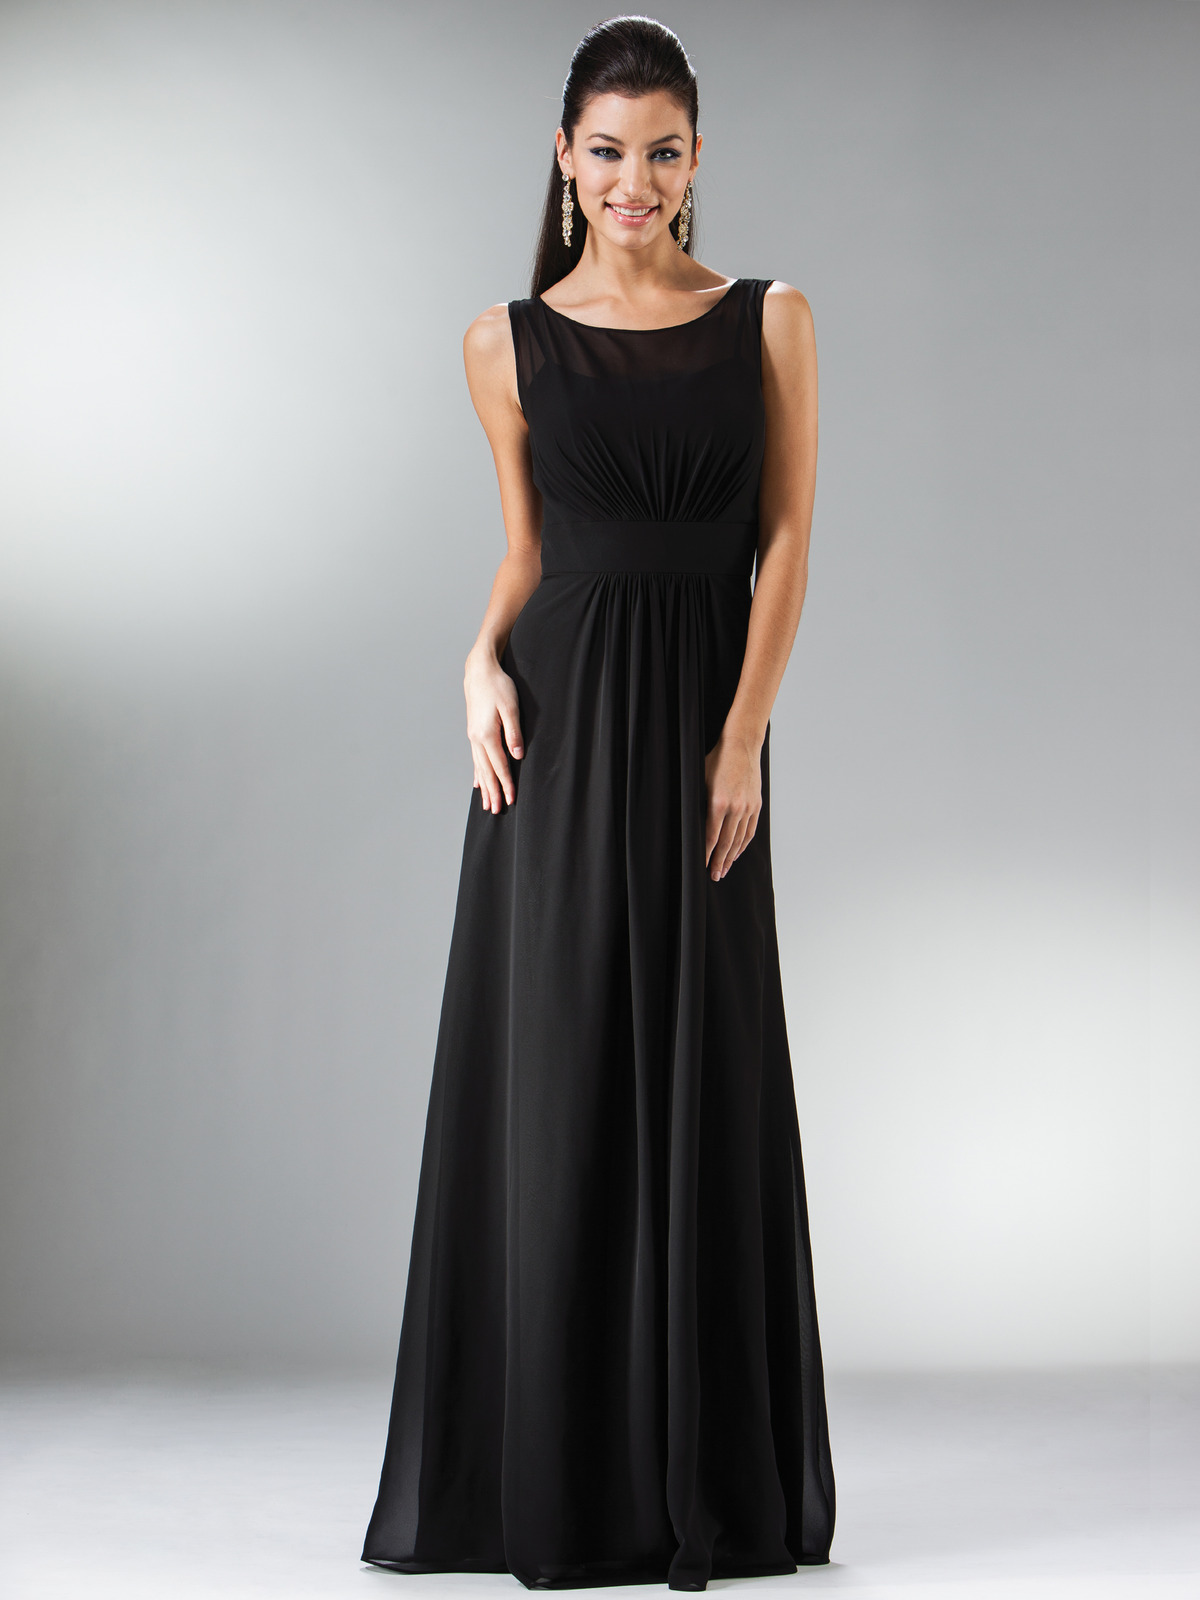 68434d2facb5e C1465 Black Tie Affair Sleeveless Evening Dress - Black